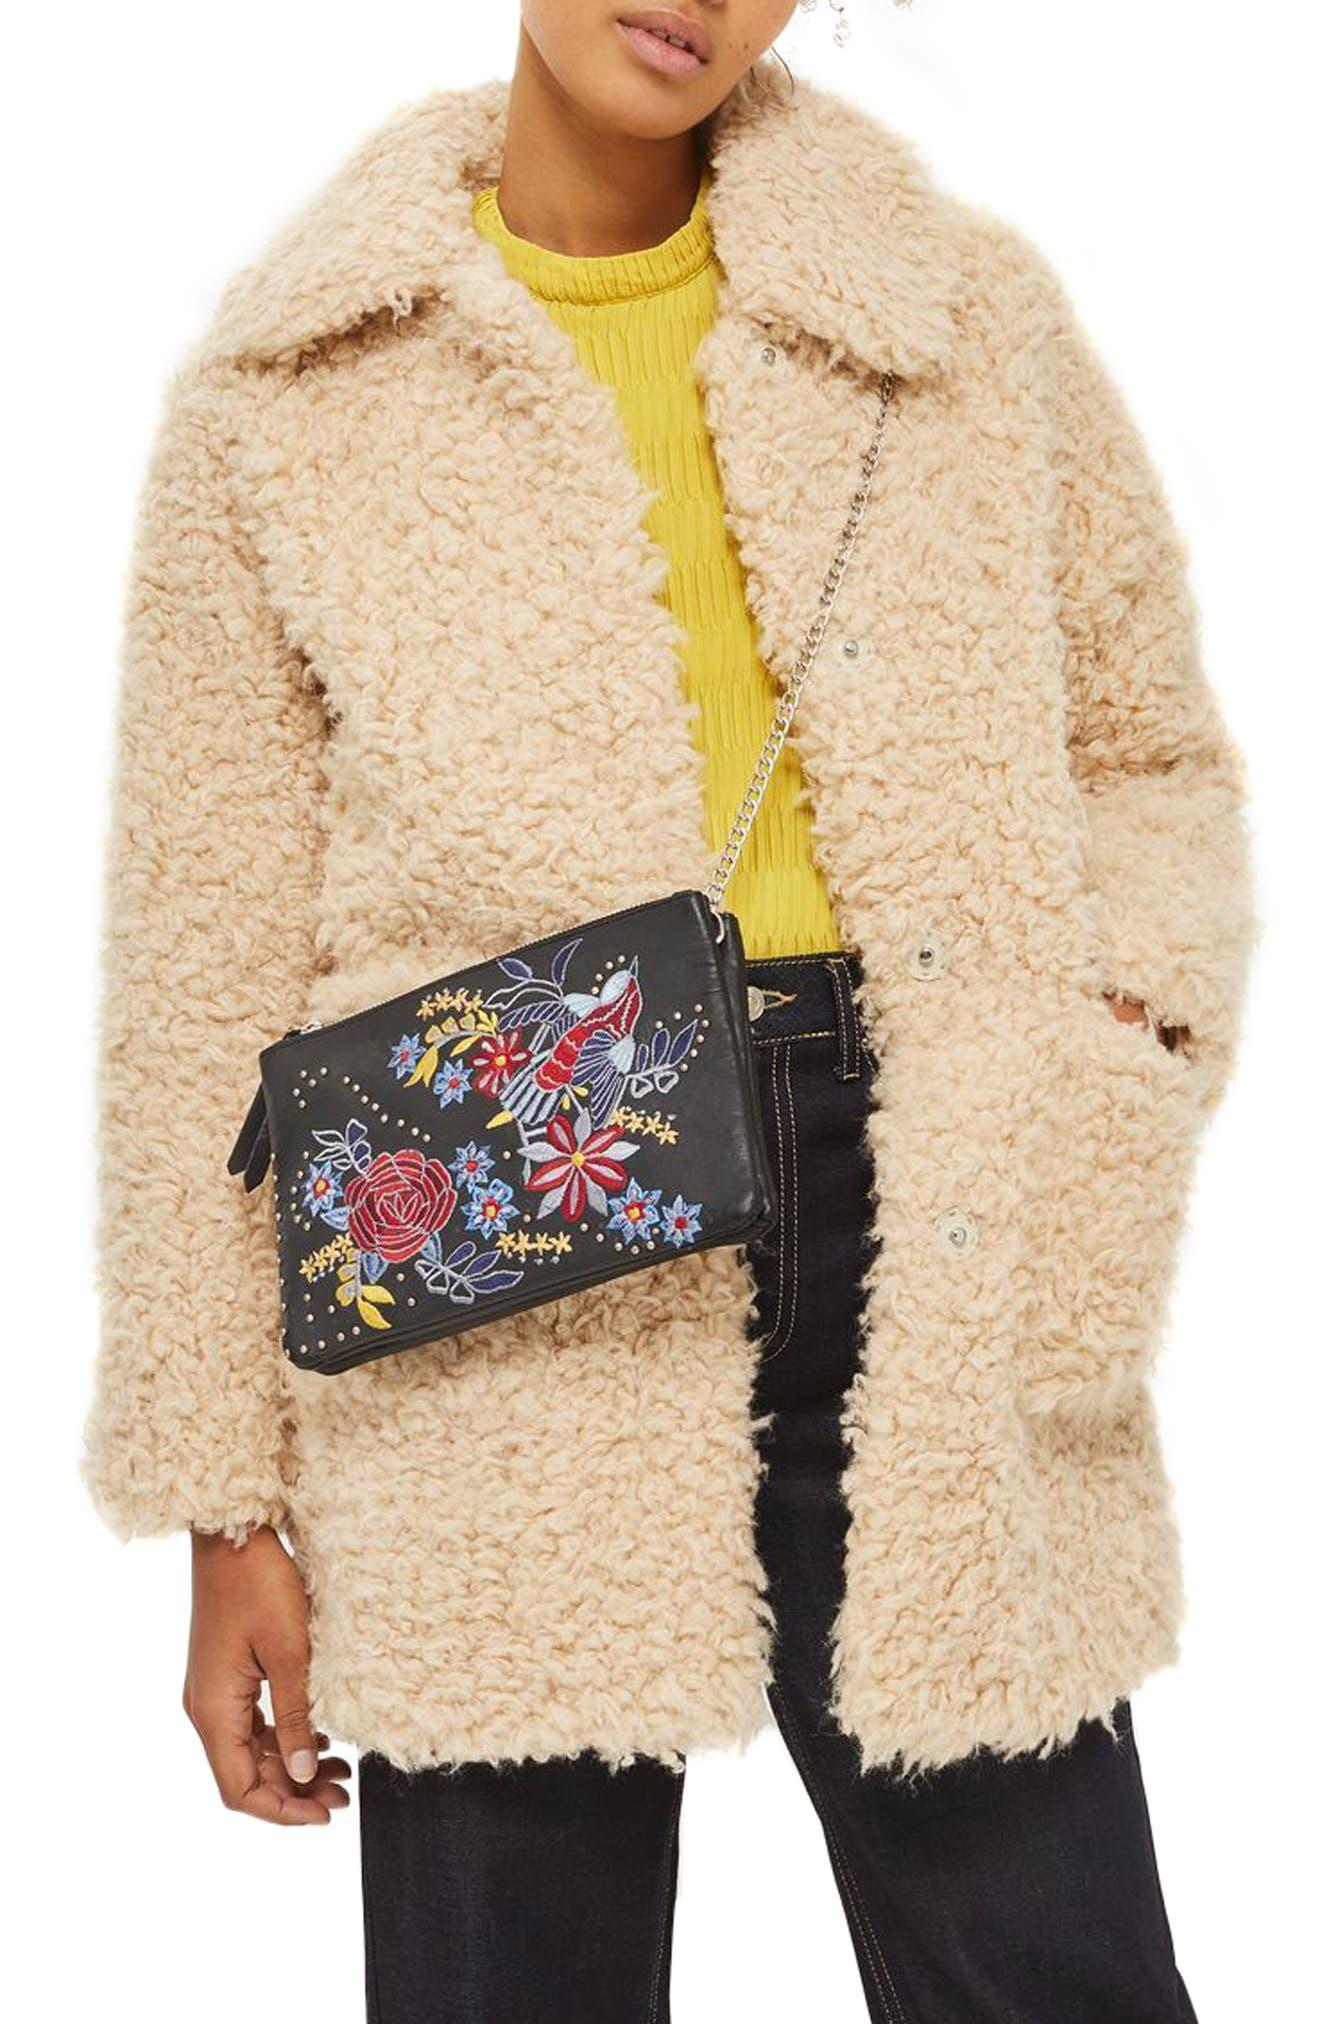 Ester Embroidered Leather Shoulder Bag,                             Alternate thumbnail 2, color,                             001